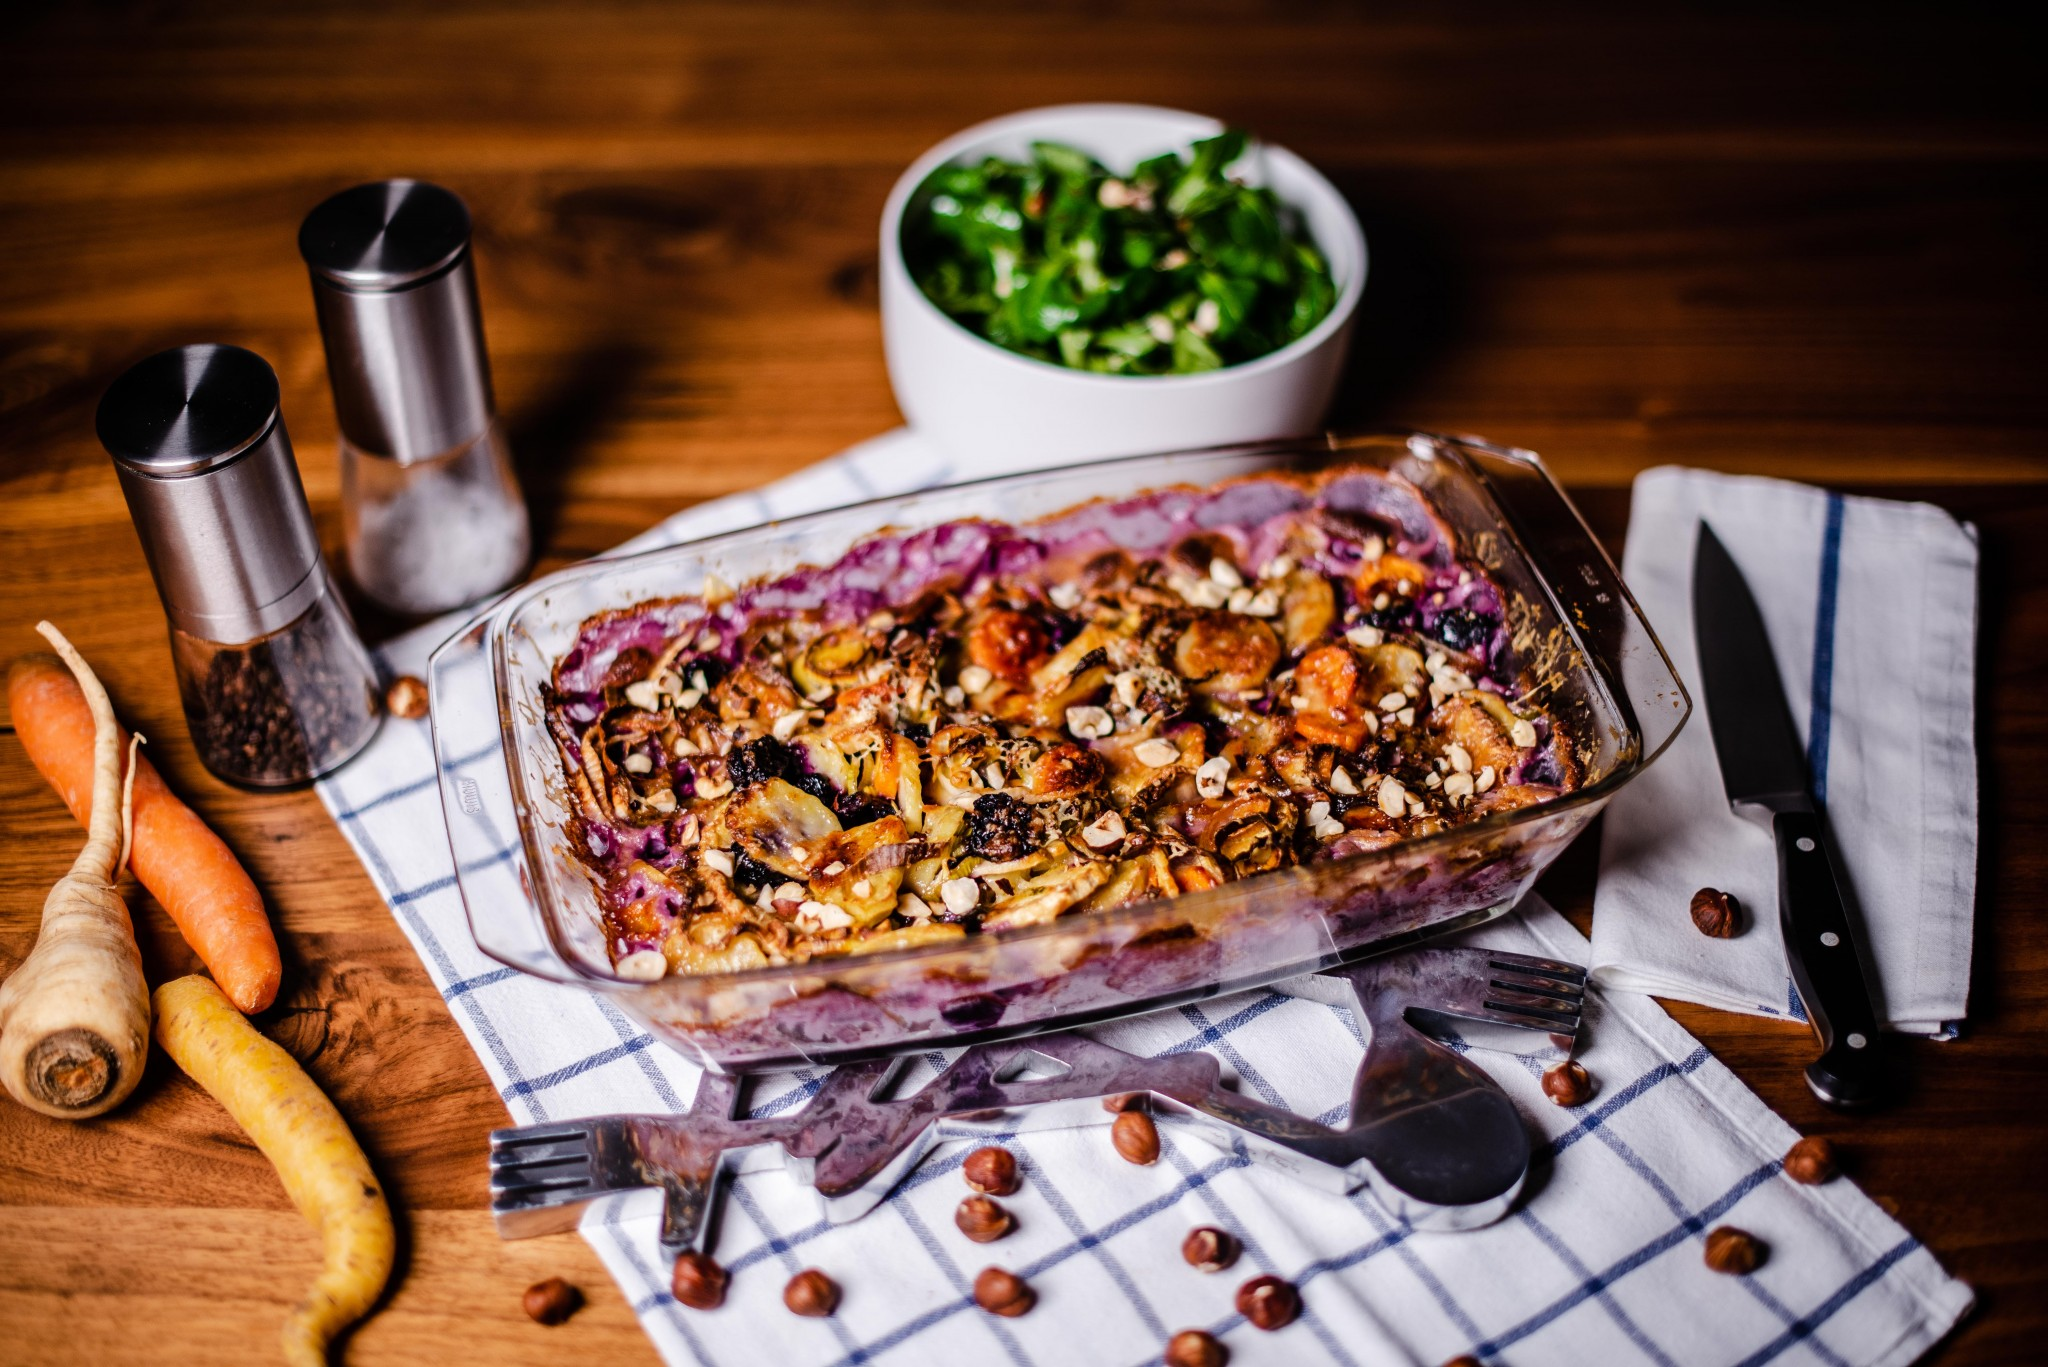 Gemüsegratin mit bunten Karotten, Lauch & Kartoffeln